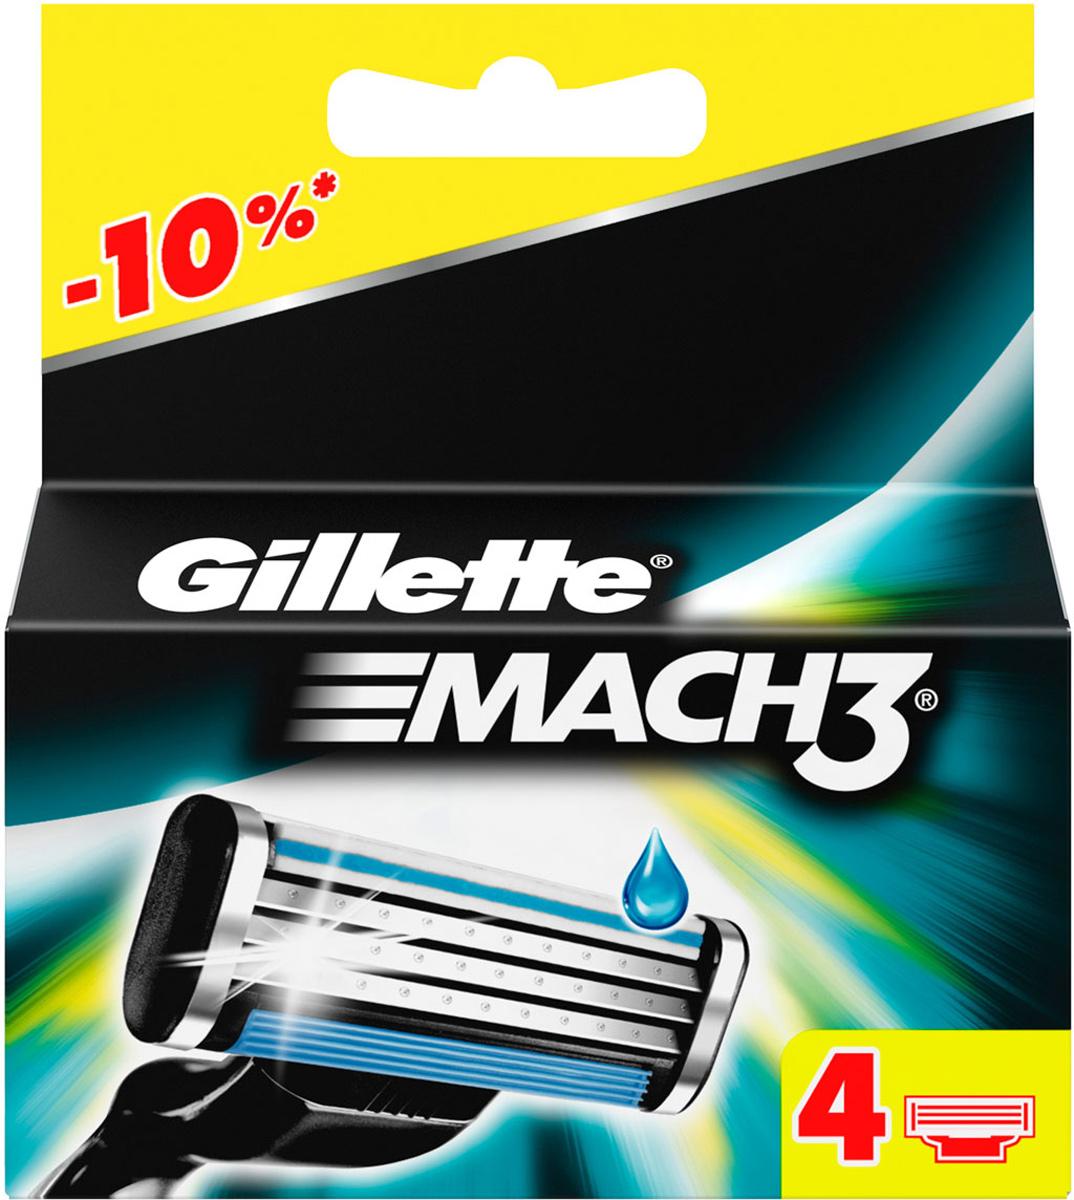 Сменные кассеты для бритья Gillette Mach 3, 4 шт.MAG-13284667Даже 10-ое бритье Mach3 комфортнее 1-го одноразовой бритвой. Почувствуйте исключительную эффективность Mach3! Это бритва включает в себя гелевуюполоску, которая способствует скольжению и защищает кожу от покраснения, такжеполоска исчезает, когда кассету пора менять. Плавающая головка обеспечивает тесныйконтакт лезвий с кожей, удобная ручка адаптируется к контурам лица для более легкого икомфортного бритья (по сравнению с одноразовыми бритвенными станками Blueell Plus).Даже после десятого использования бритвы ощущения более приятные, чем от одноразовыхстанков (по сравнению с одноразовыми станками для бритья Bluell Plus).По сравнению с Gillette BlueII PlusСрок хранения – 5 лет. Характеристики:Комплектация: 4 сменные кассеты. Товар сертифицирован.Состав смазывающей полоски: PEG-115M, PEG-7M, PEG-100, BHT, TOCOPHERYLACETATE.